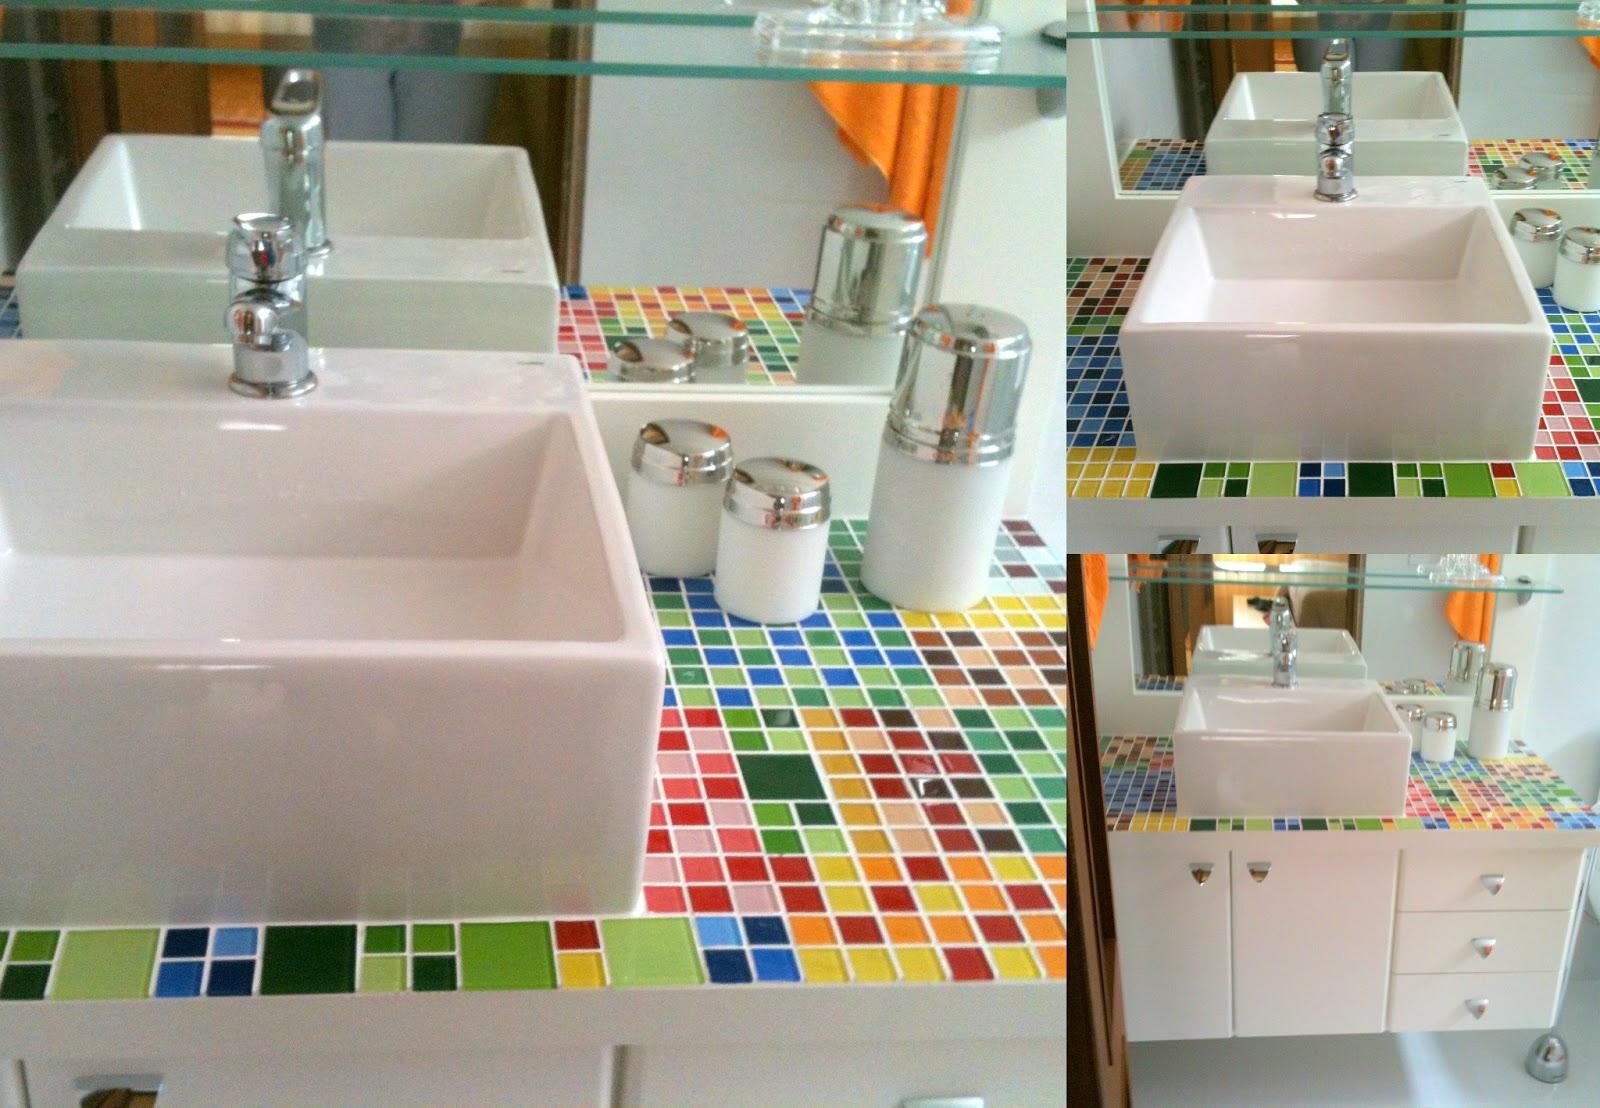 da Lucia Giraffa: Mosaico de pastilhas de vidro Tampo do Banheiro #744024 1600x1108 Banheiro De Pastilha De Vidro